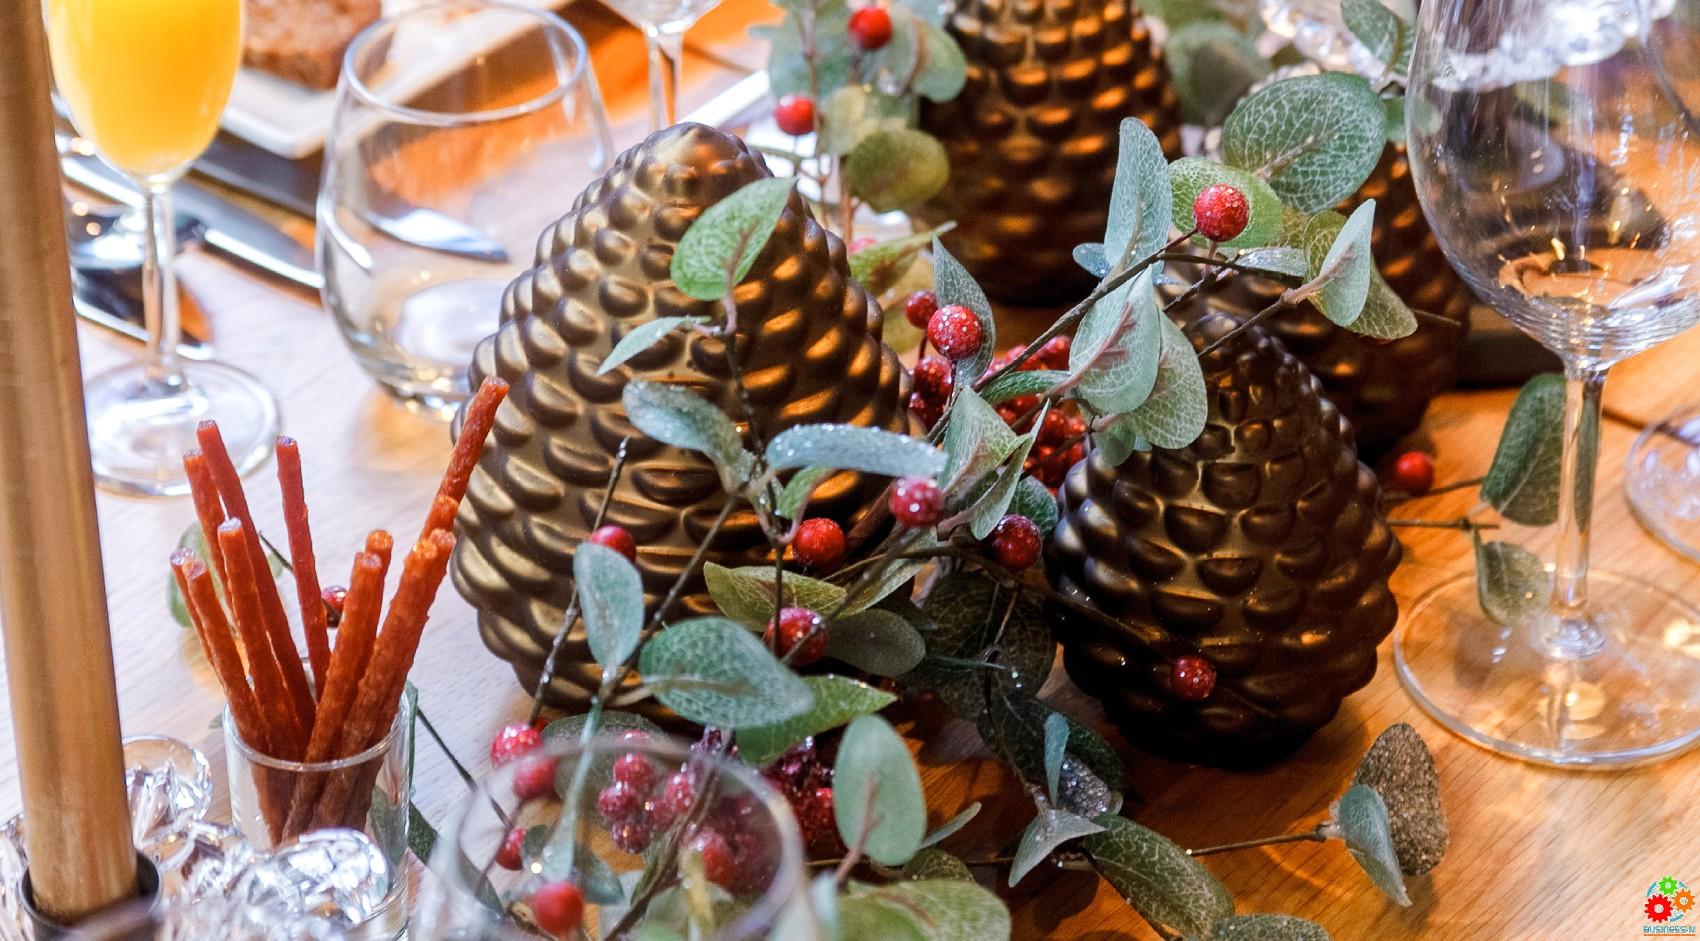 Nõo Lihatööstus: в рождественский сезон этого года будут популярны продукты для здоровья и гурманов